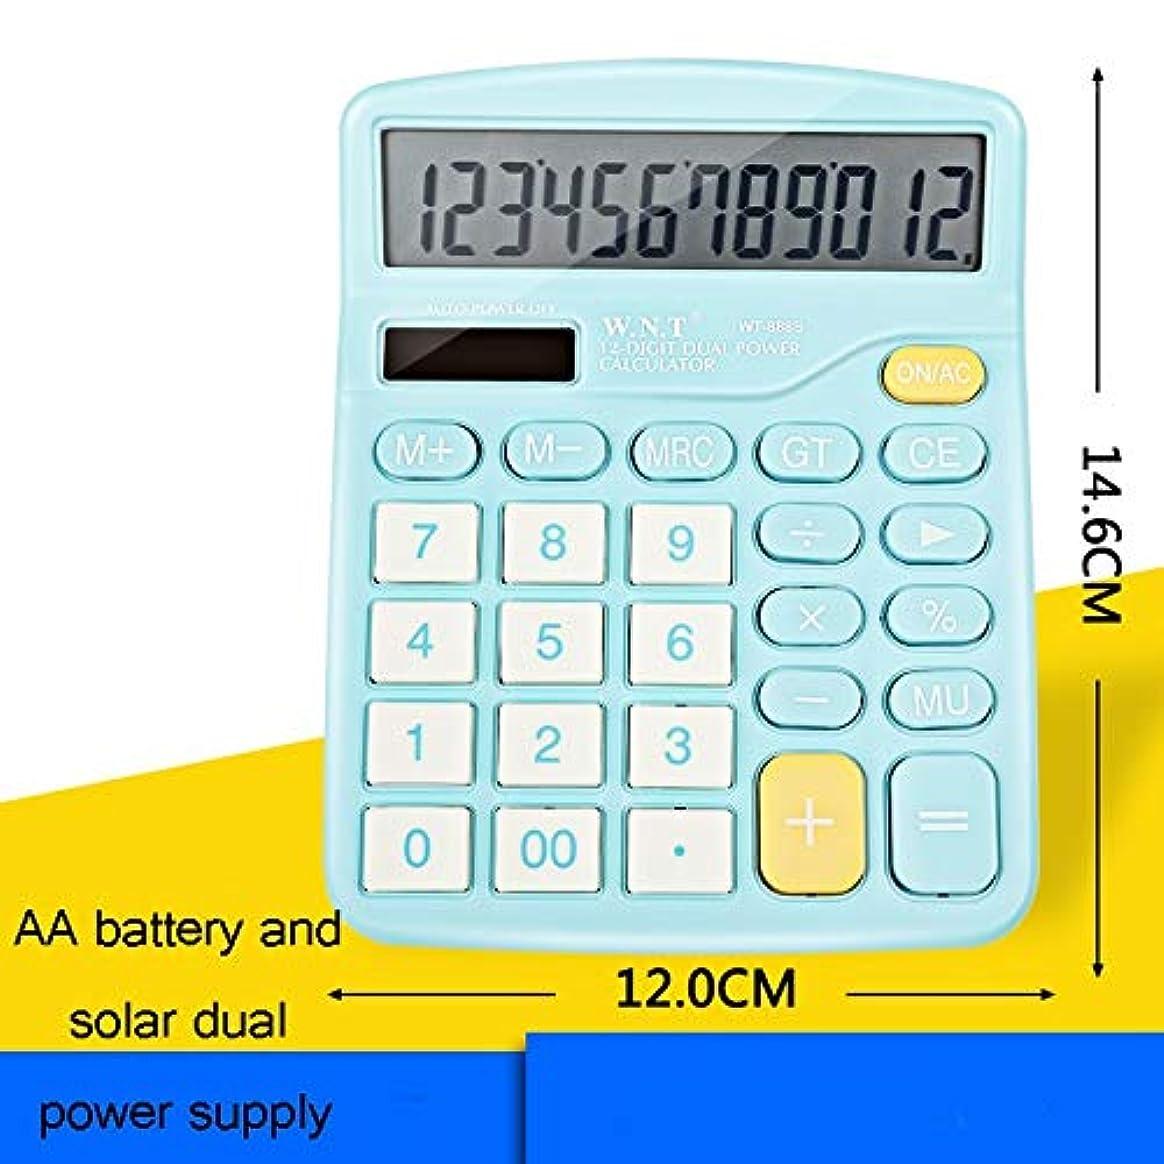 有名なきらめき一時的電子計算機 デスクトップ計算機 大型LCDモニター 電子計算機 太陽電池デュアルパワーオフィス計算機 太陽電池デュアルパワーオフィス計算機 デスクトップ計算機 大型LCDモニター Z-66